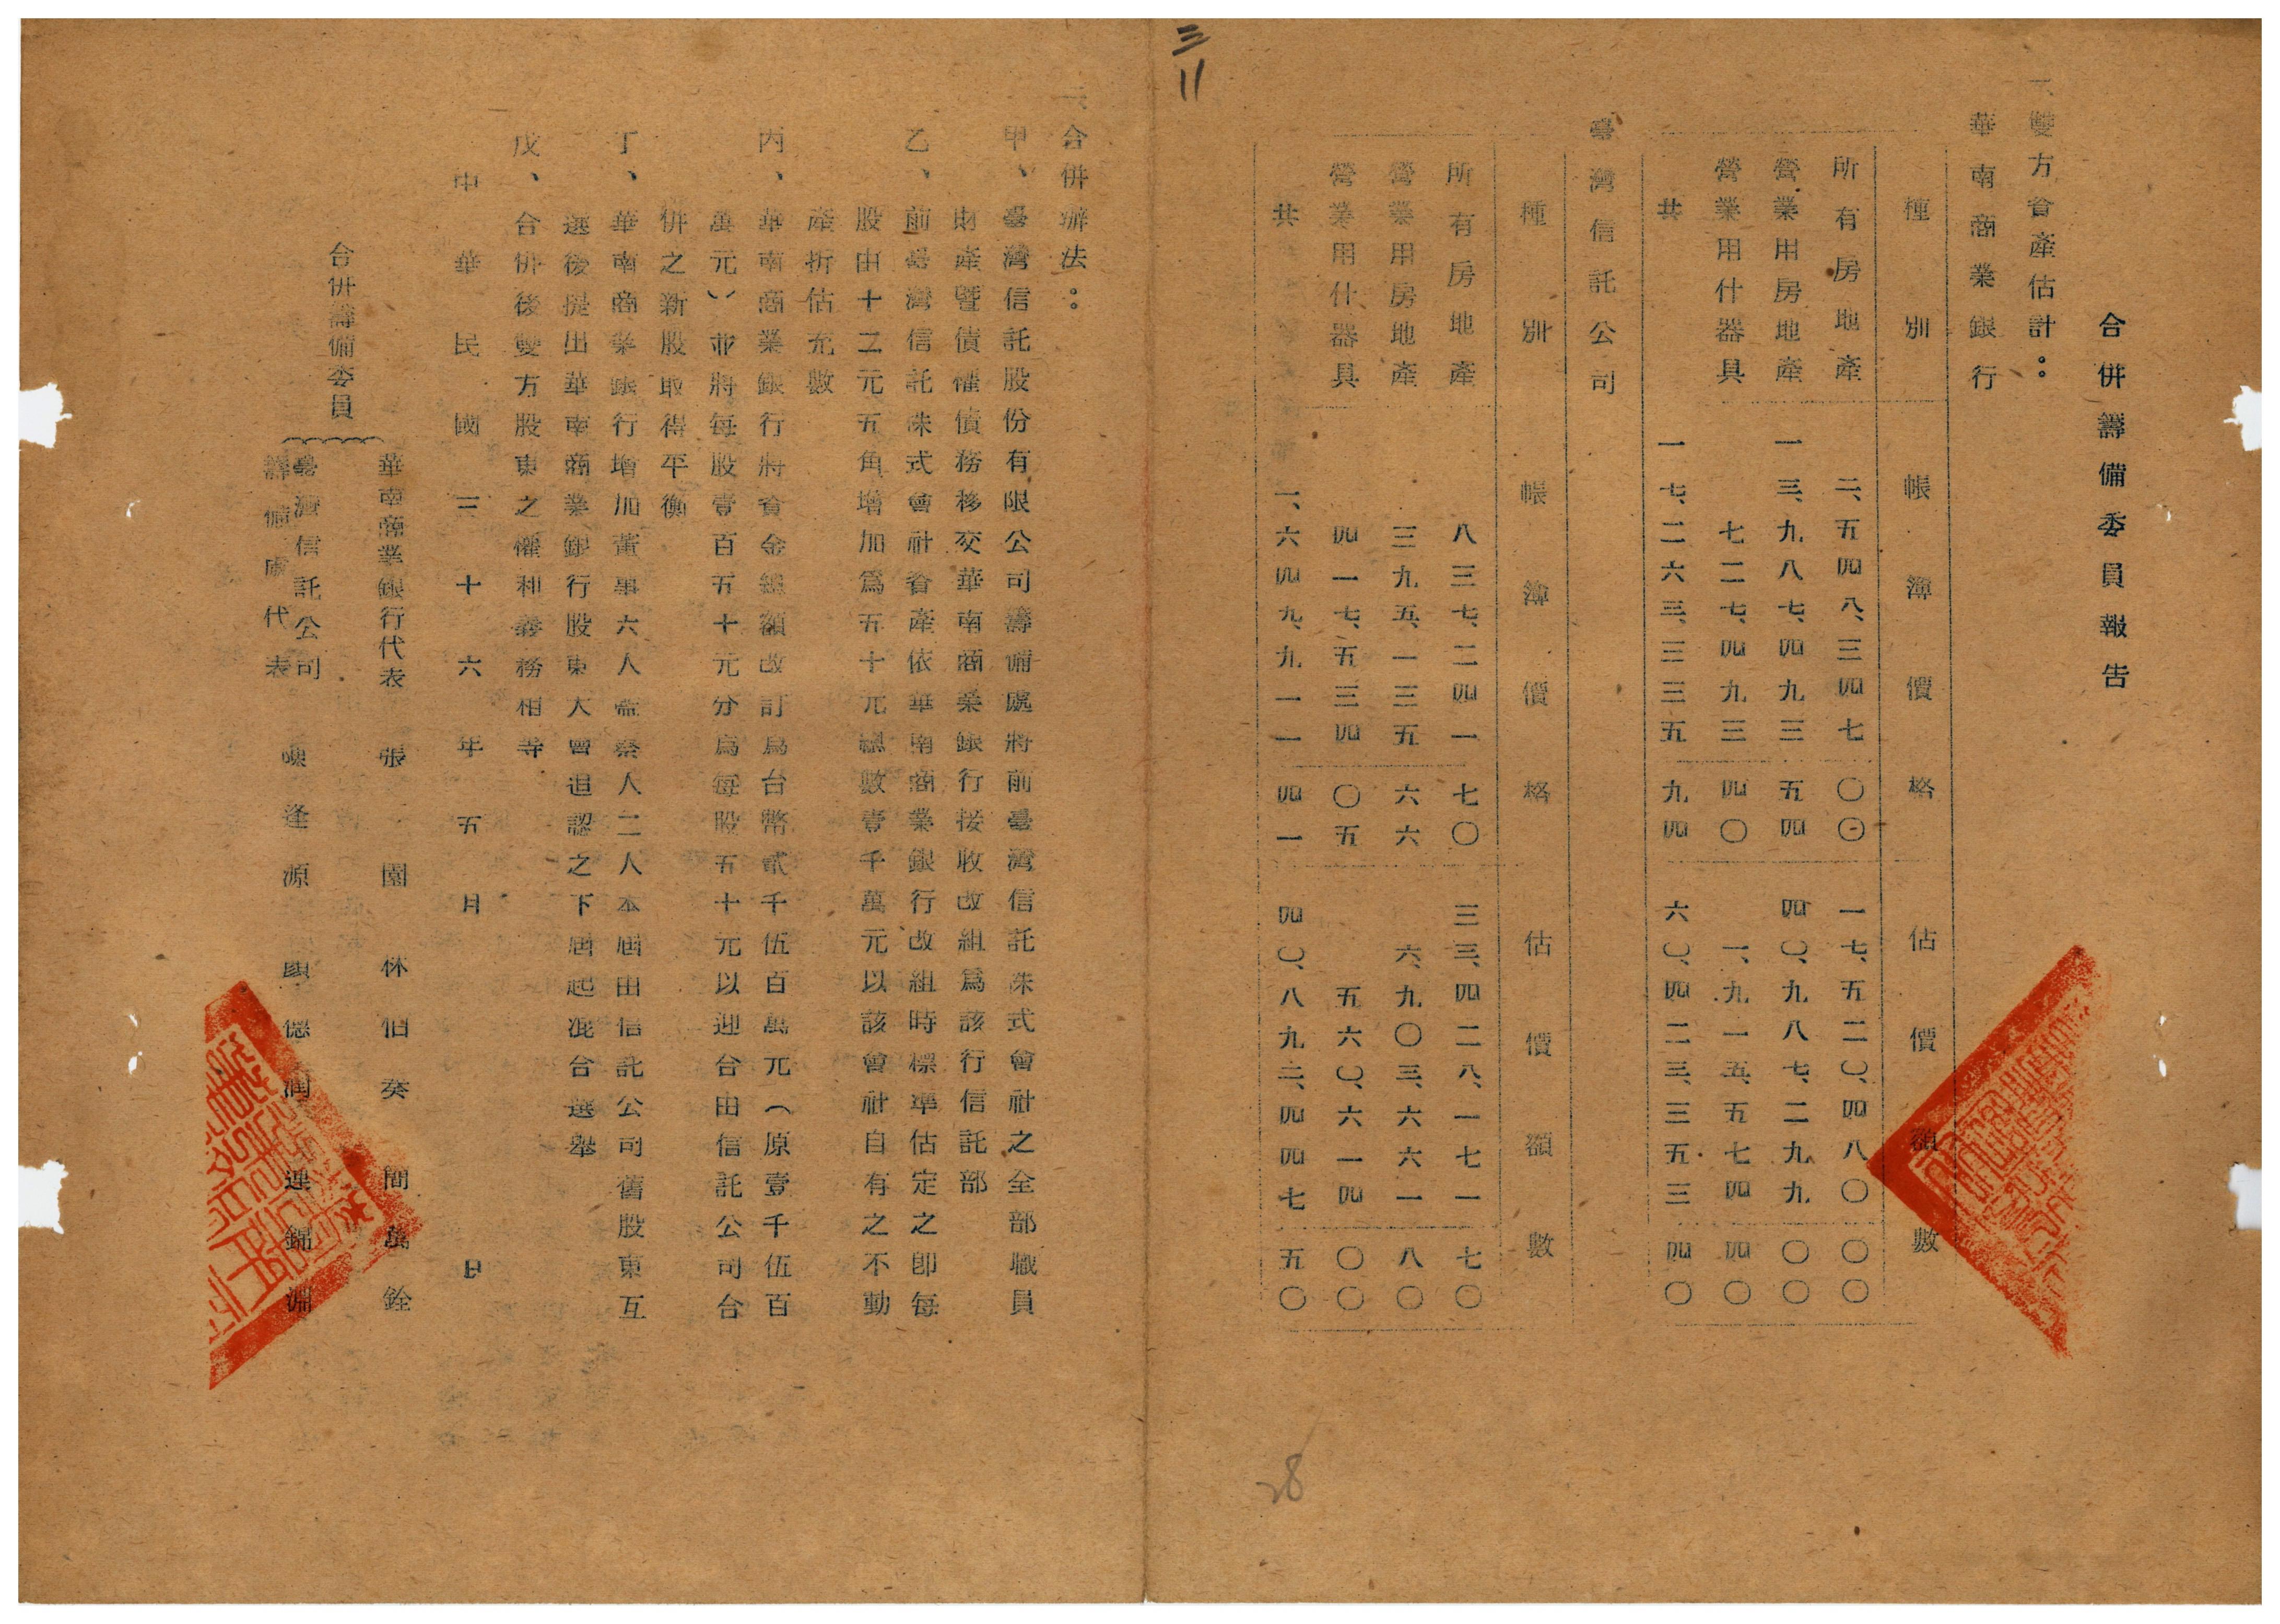 圖7:顏德潤列名的合併籌備報告(資料來源:臺灣省級機關檔案00400078003011)